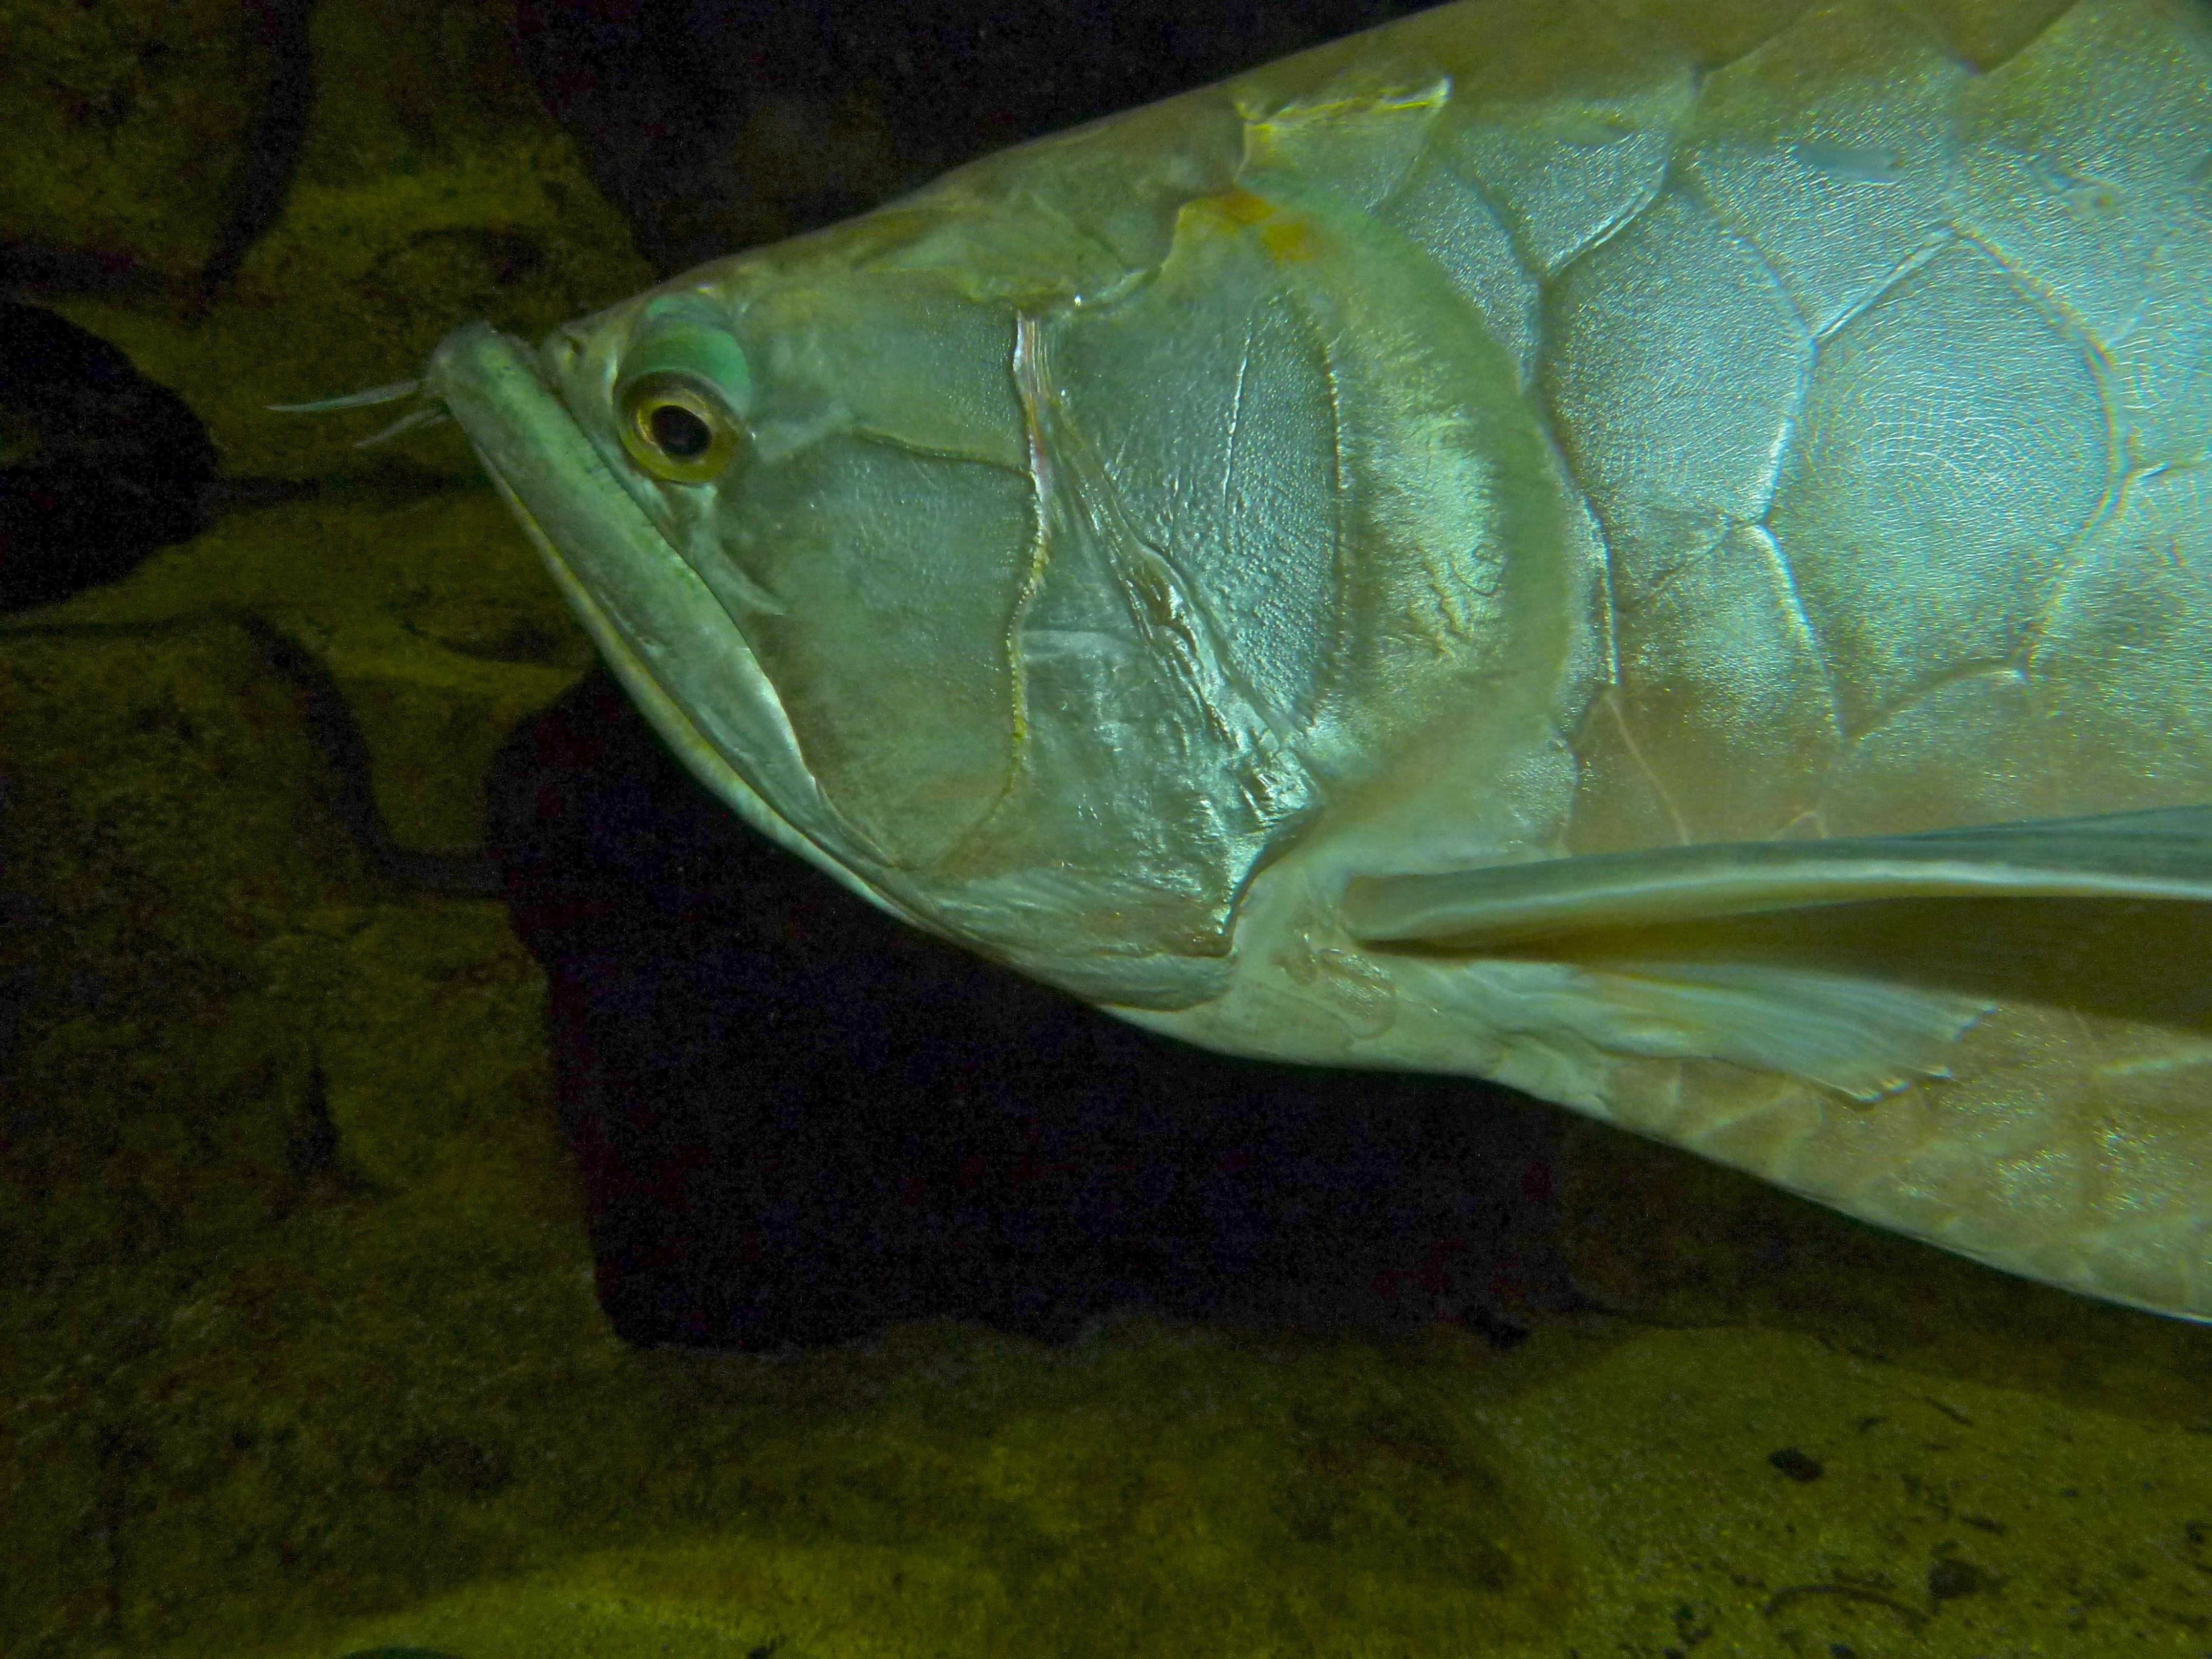 Image of Silver arowana